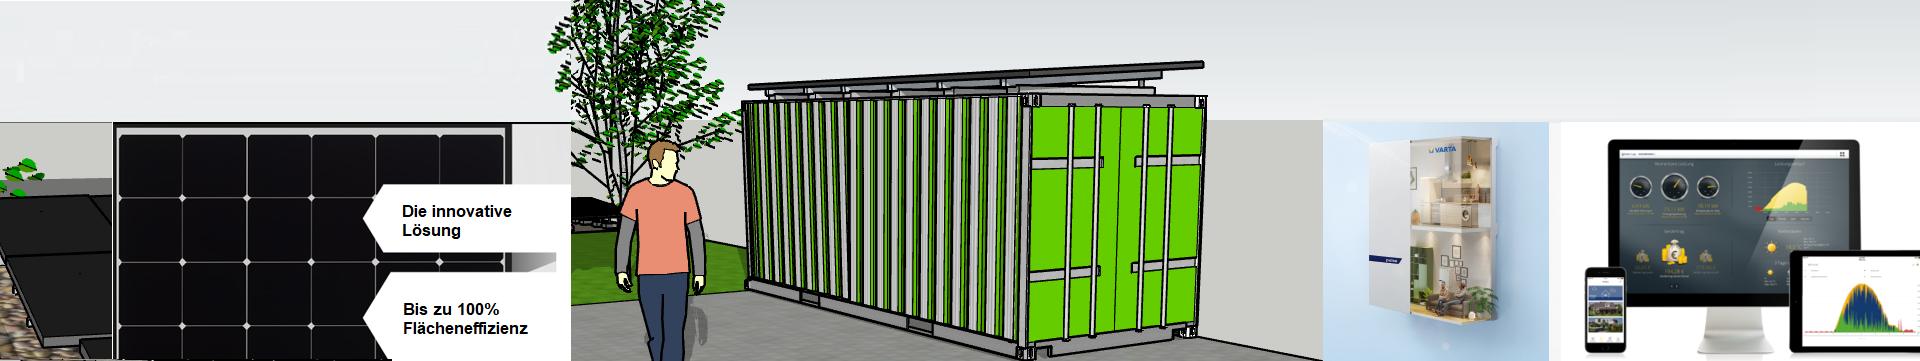 PowerSystem für Container